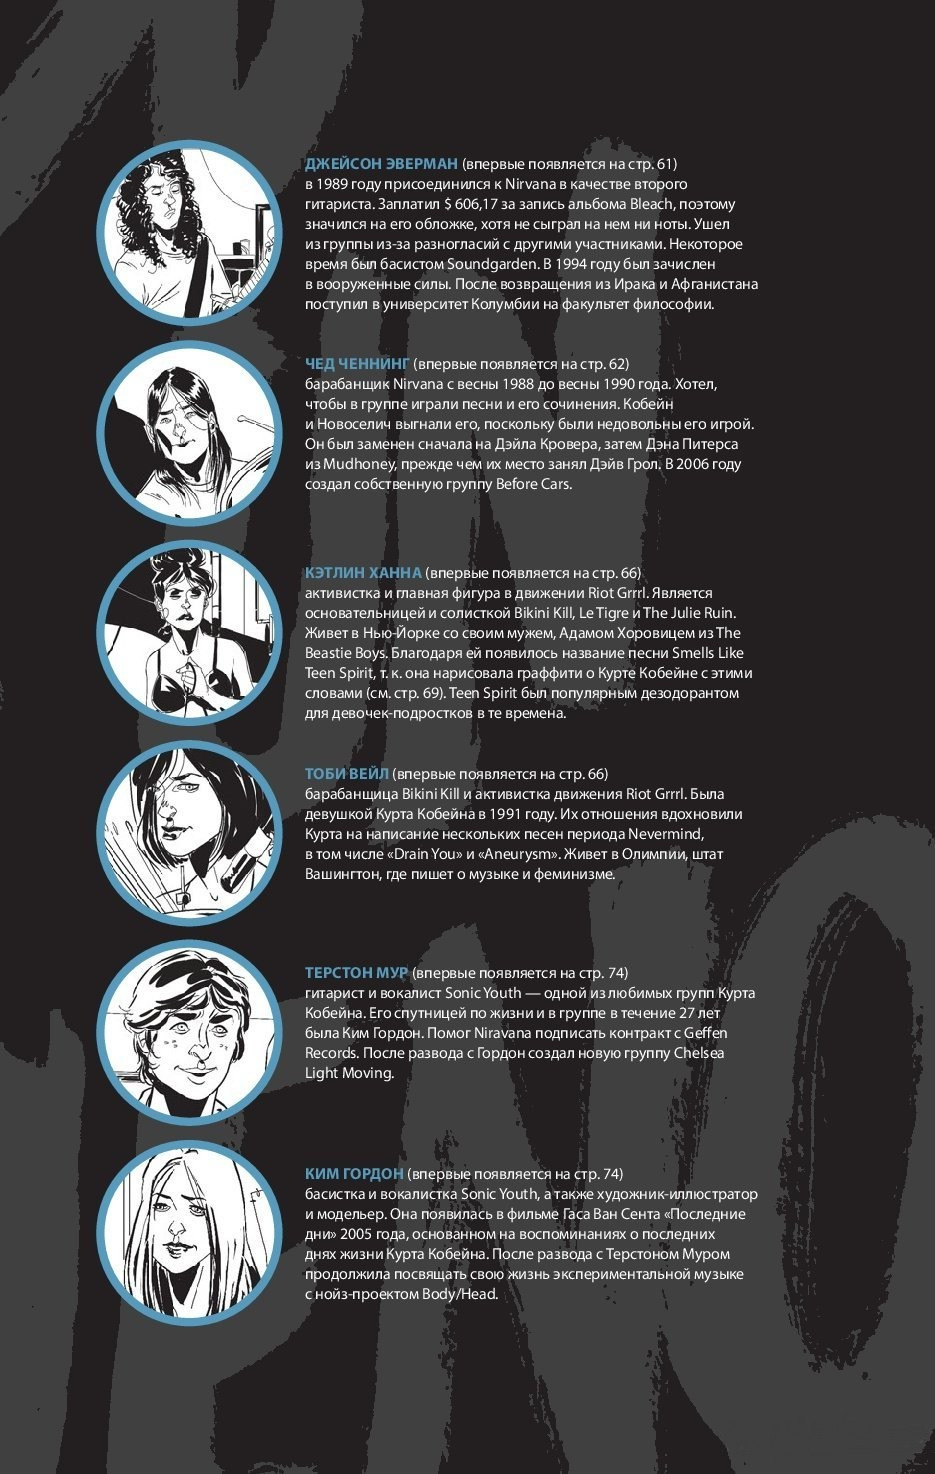 """Биографический комикс, на русском языке, о Курте Кобейне. Создателе группы """"Нирвана"""". Бонус трэк 2"""